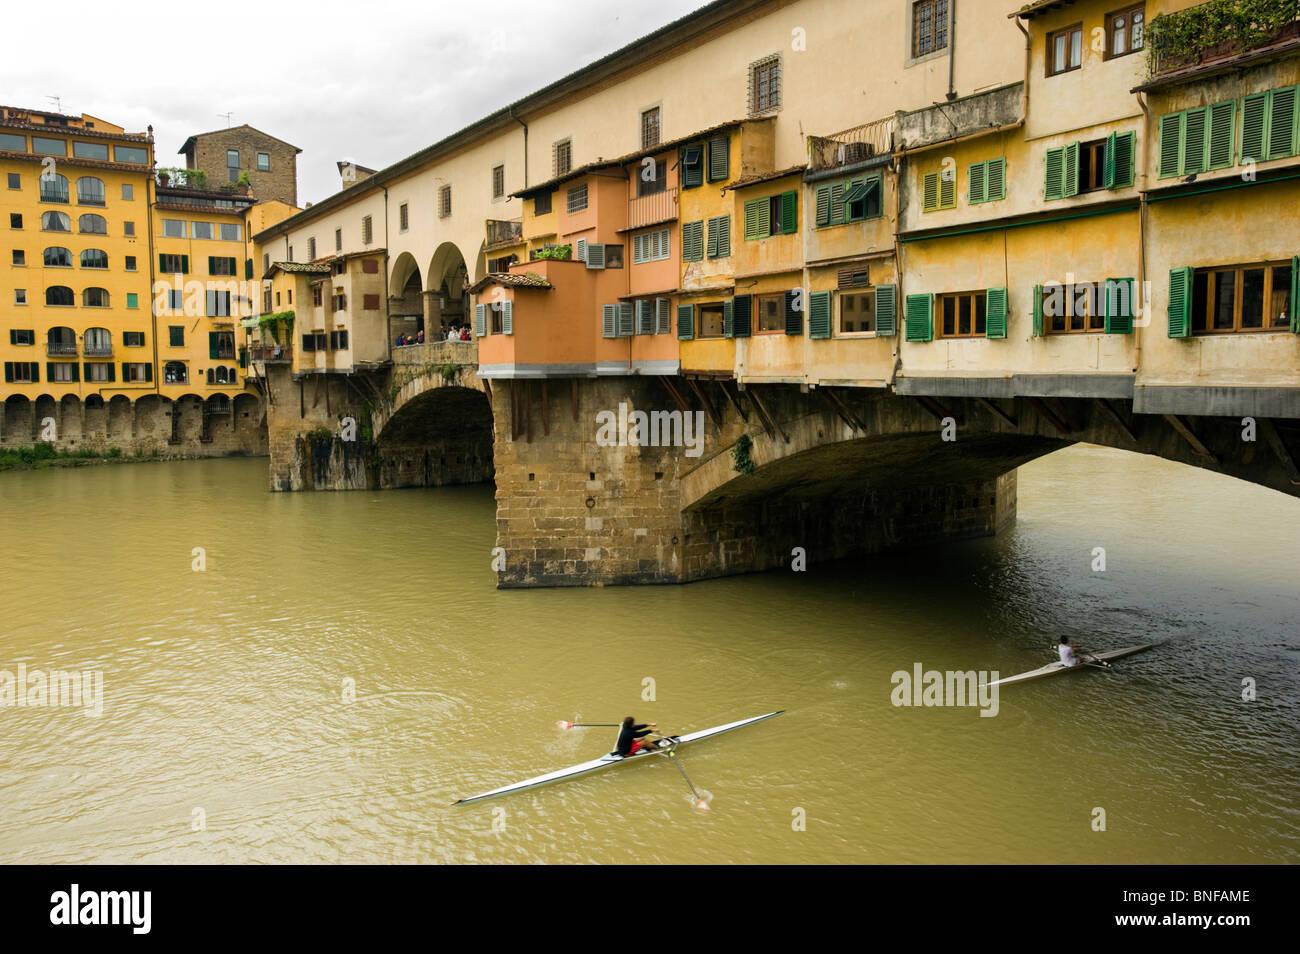 Il Ponte Vecchio, il ponte medievale sul fiume Arno a Firenze. Immagini Stock